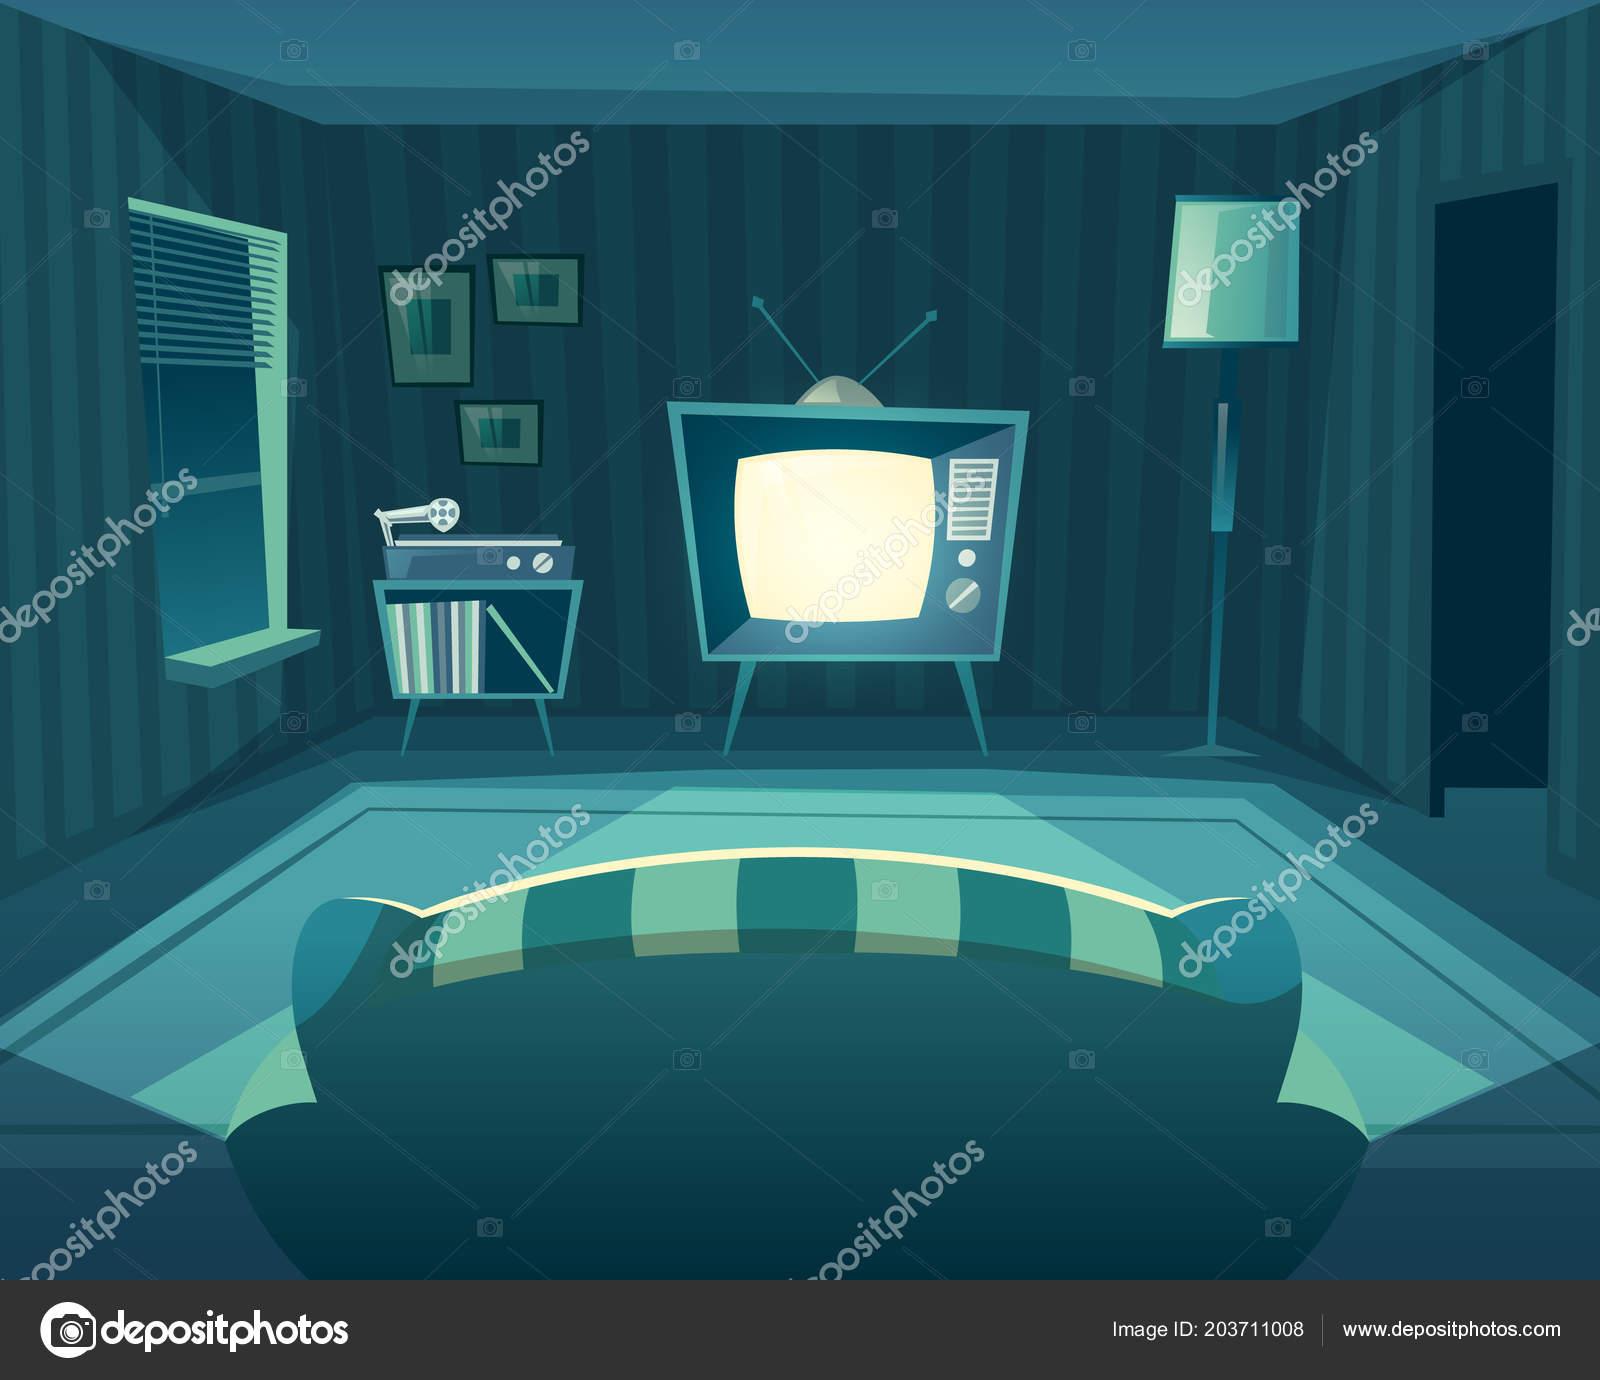 Cartoon Living Room: Vector Cartoon Living Room At Night, Interior